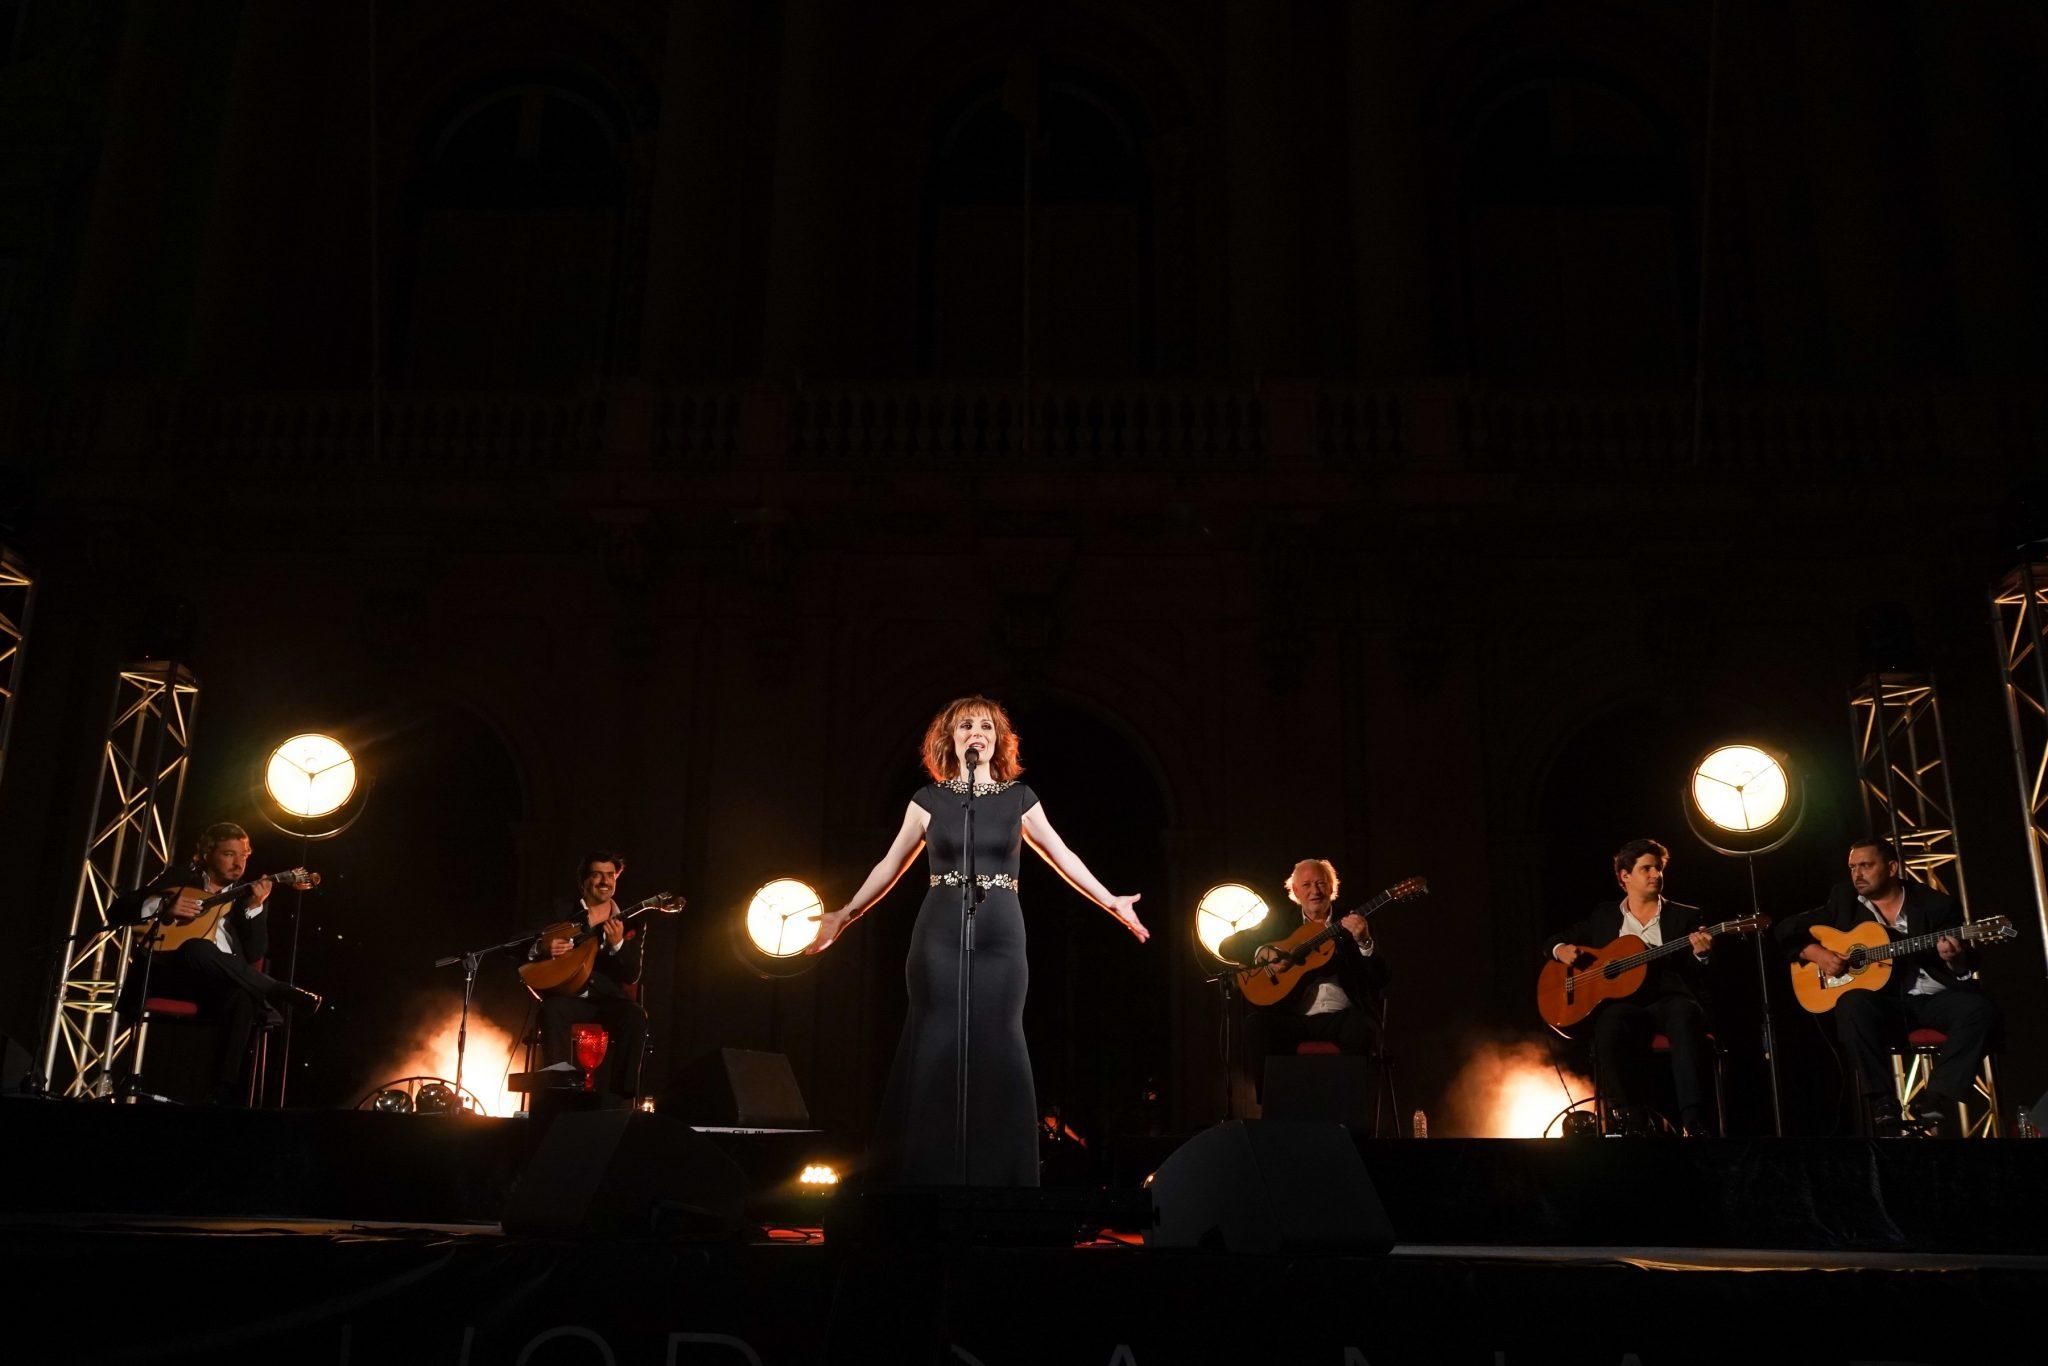 Cinco músicos a toca guitarra portuguesa e viola, sentados, acompanhados pela fadista Katia Guerreiro ao centro da imagem de braços abertos.